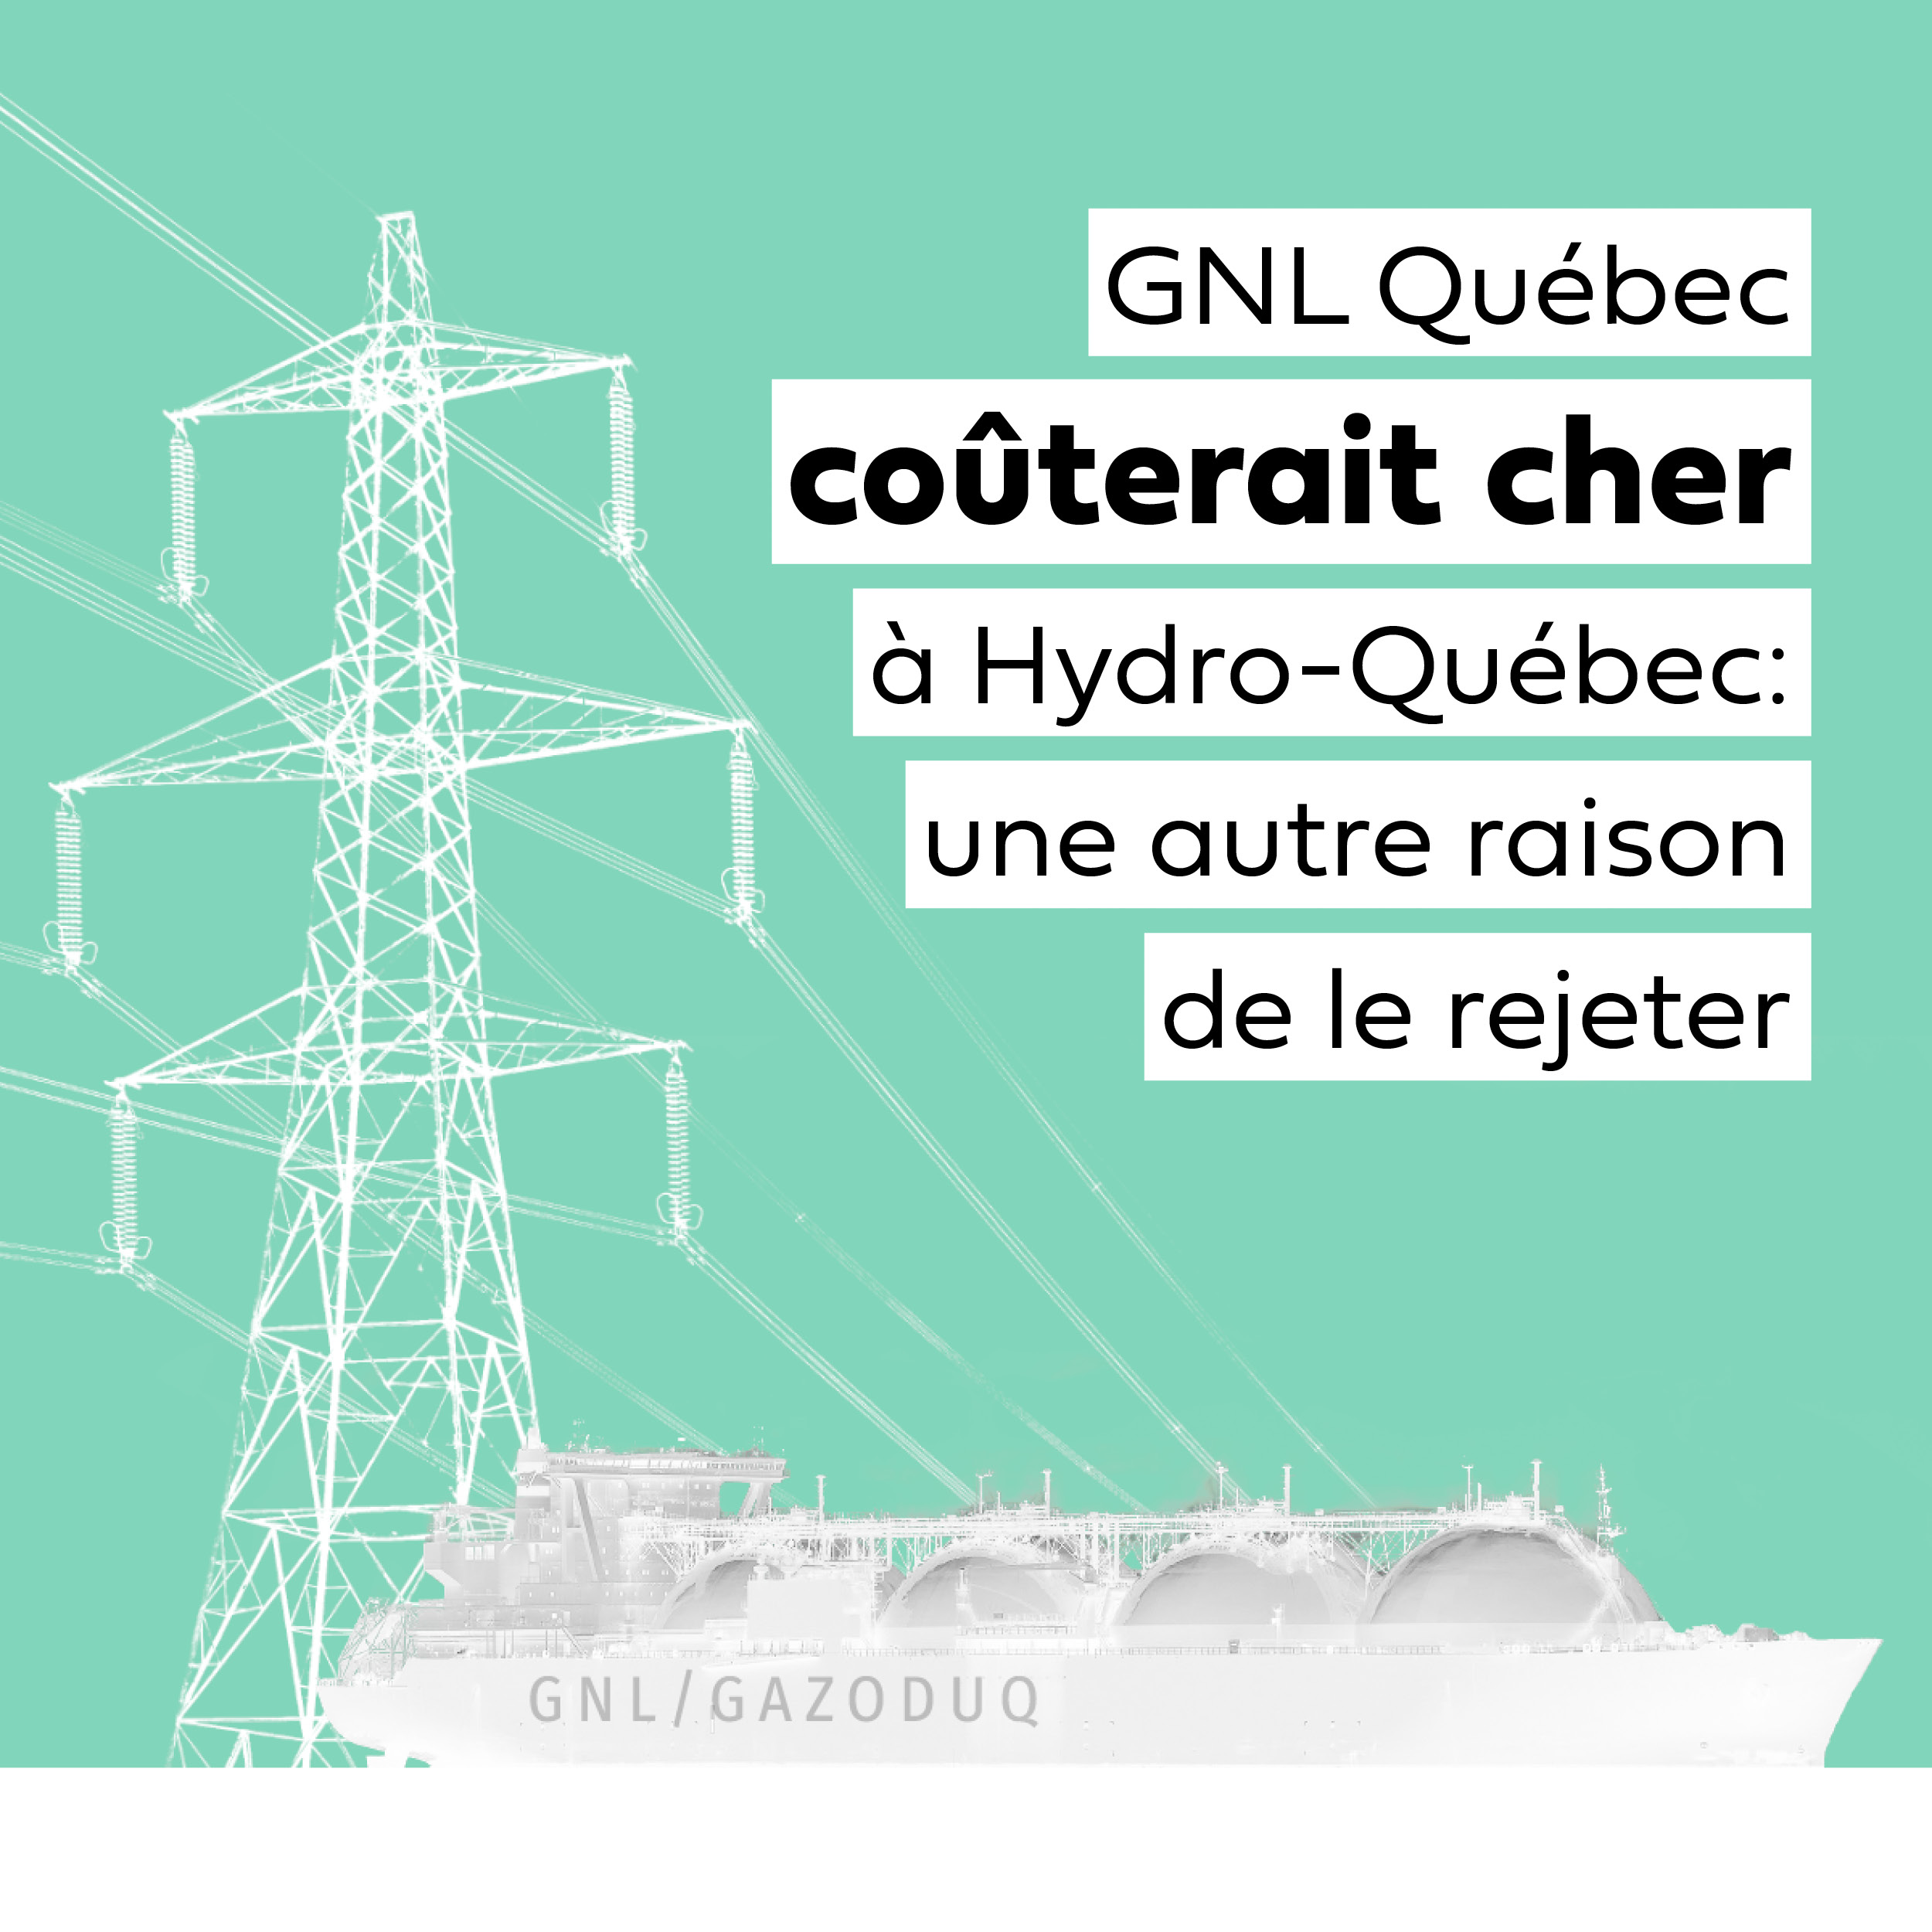 Communiqué - GNL Québec coûterait cher à Hydro-Québec: une autre raison de le rejeter